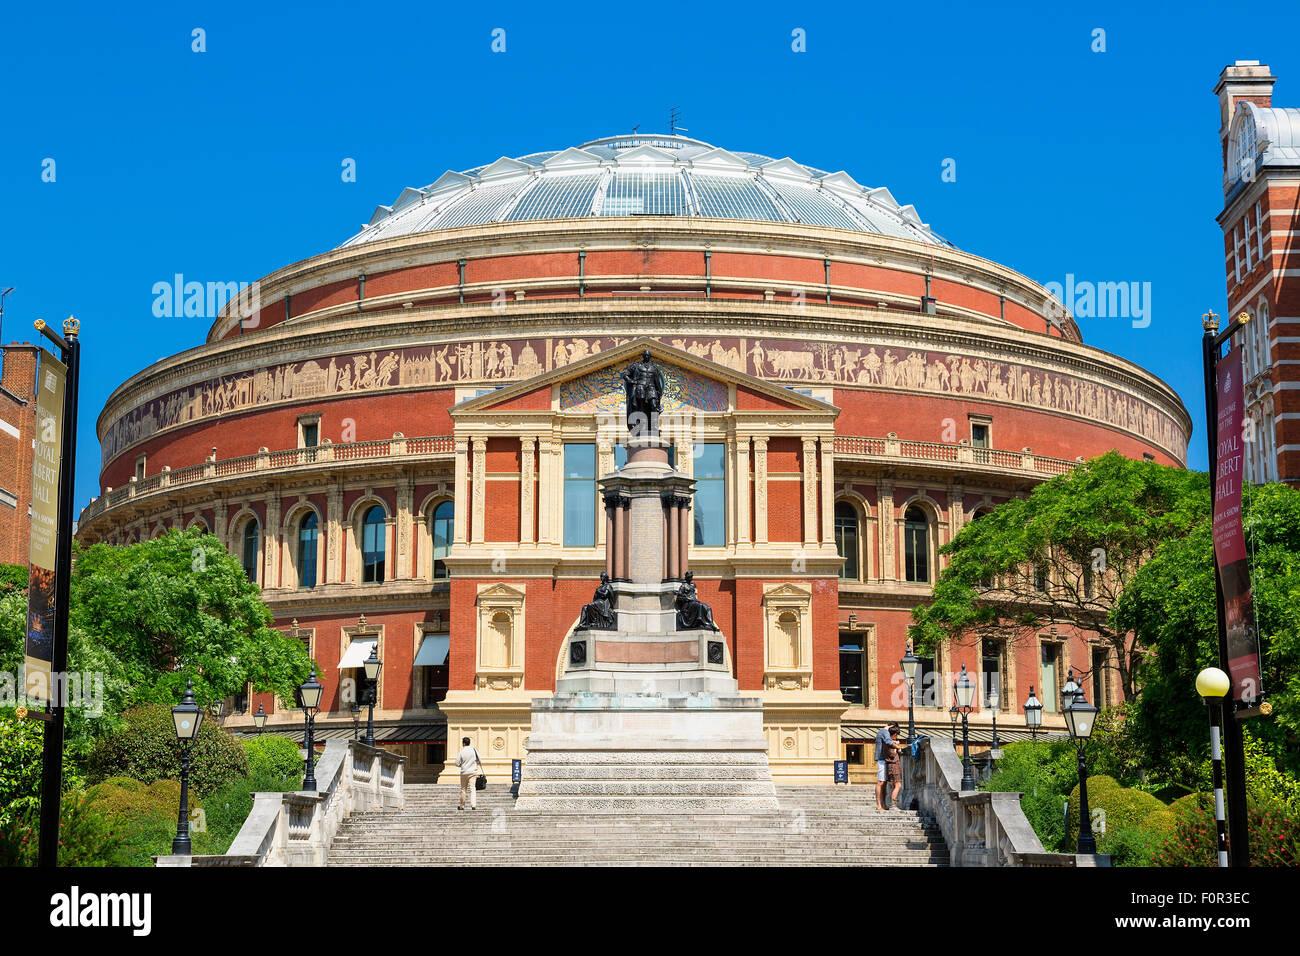 London, Royal Albert Hall - Stock Image